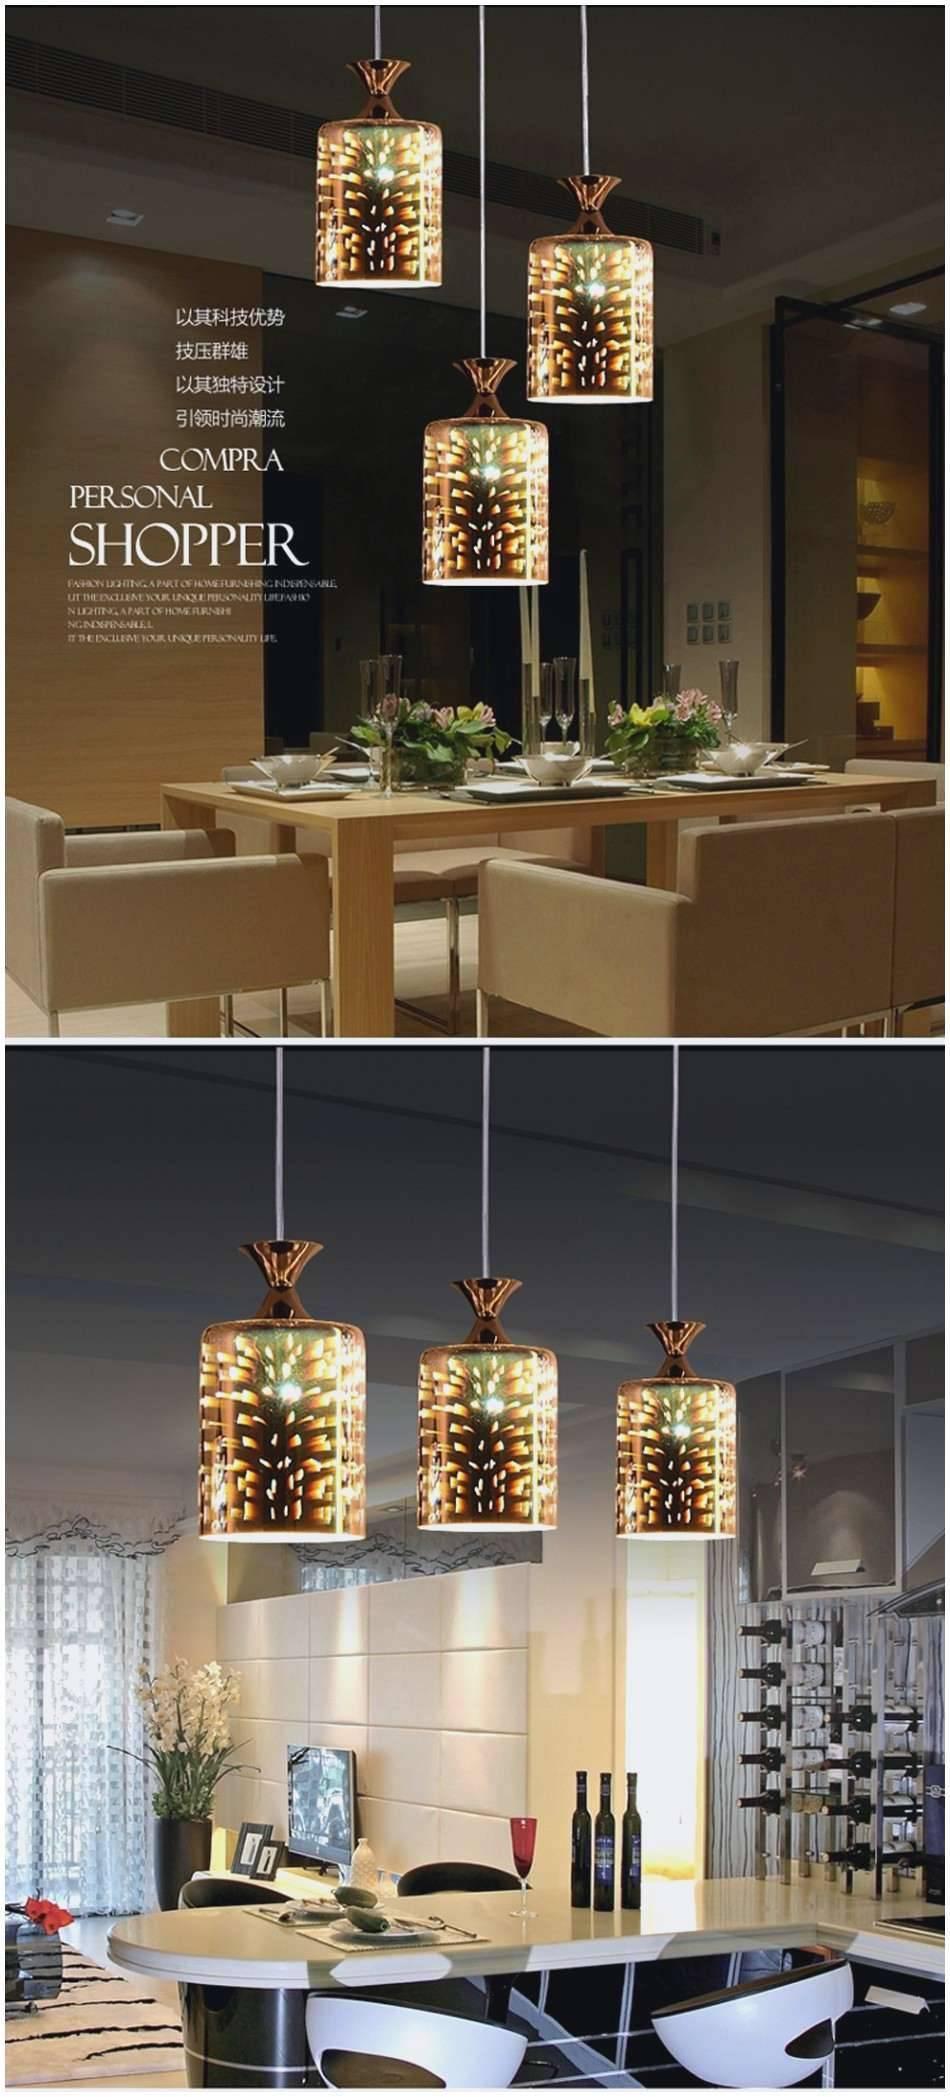 wohnzimmer lampe fur hohe decken lovely best wohnzimmer led deckenleuchte ideas eadico eadico of wohnzimmer lampe fur hohe decken